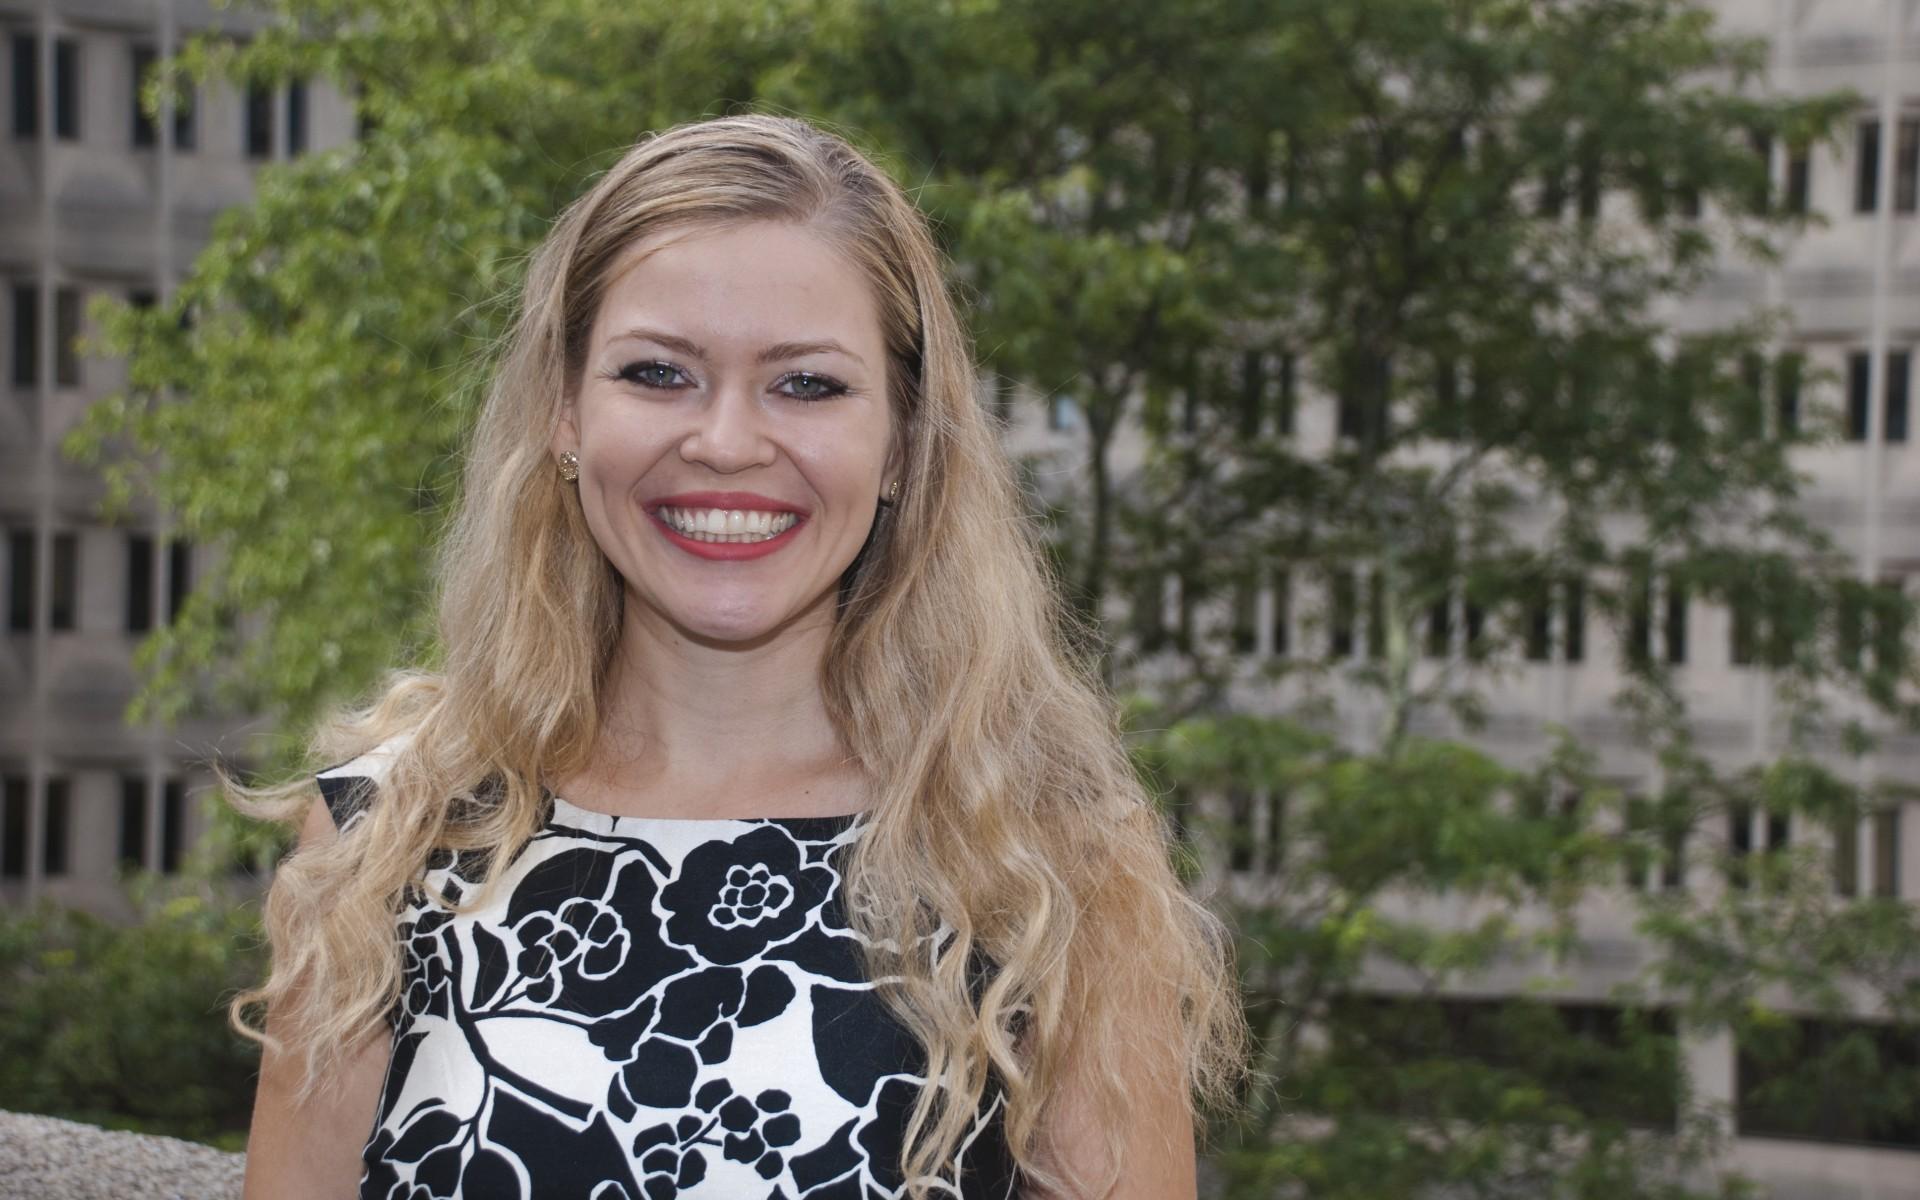 Julia Svedova